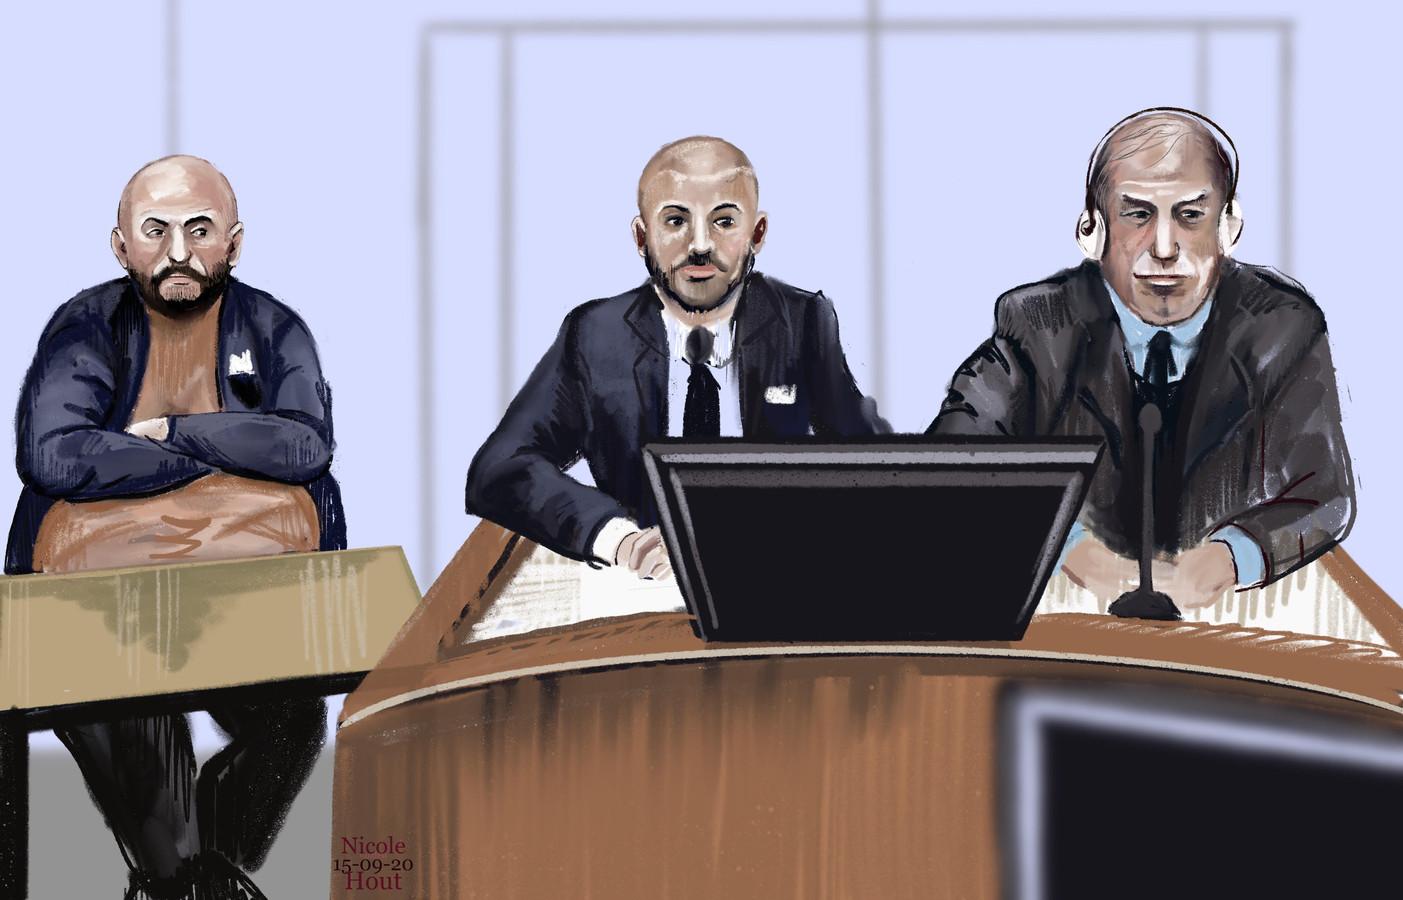 De drie hoofdverdachten in de rechtbank